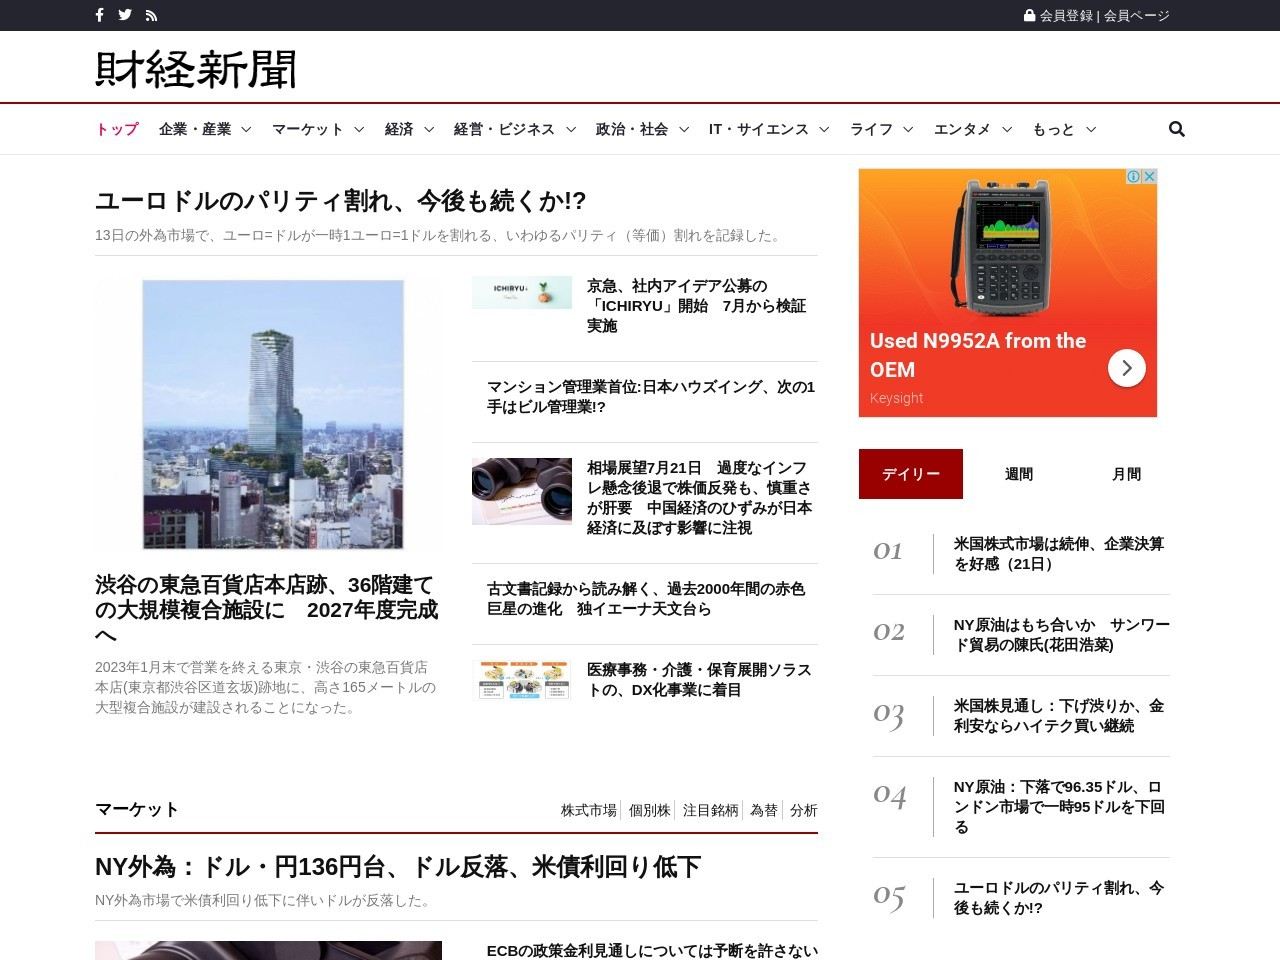 「嵐」328億円、「アイマス」276億円!アイドルやゲームの経済効果